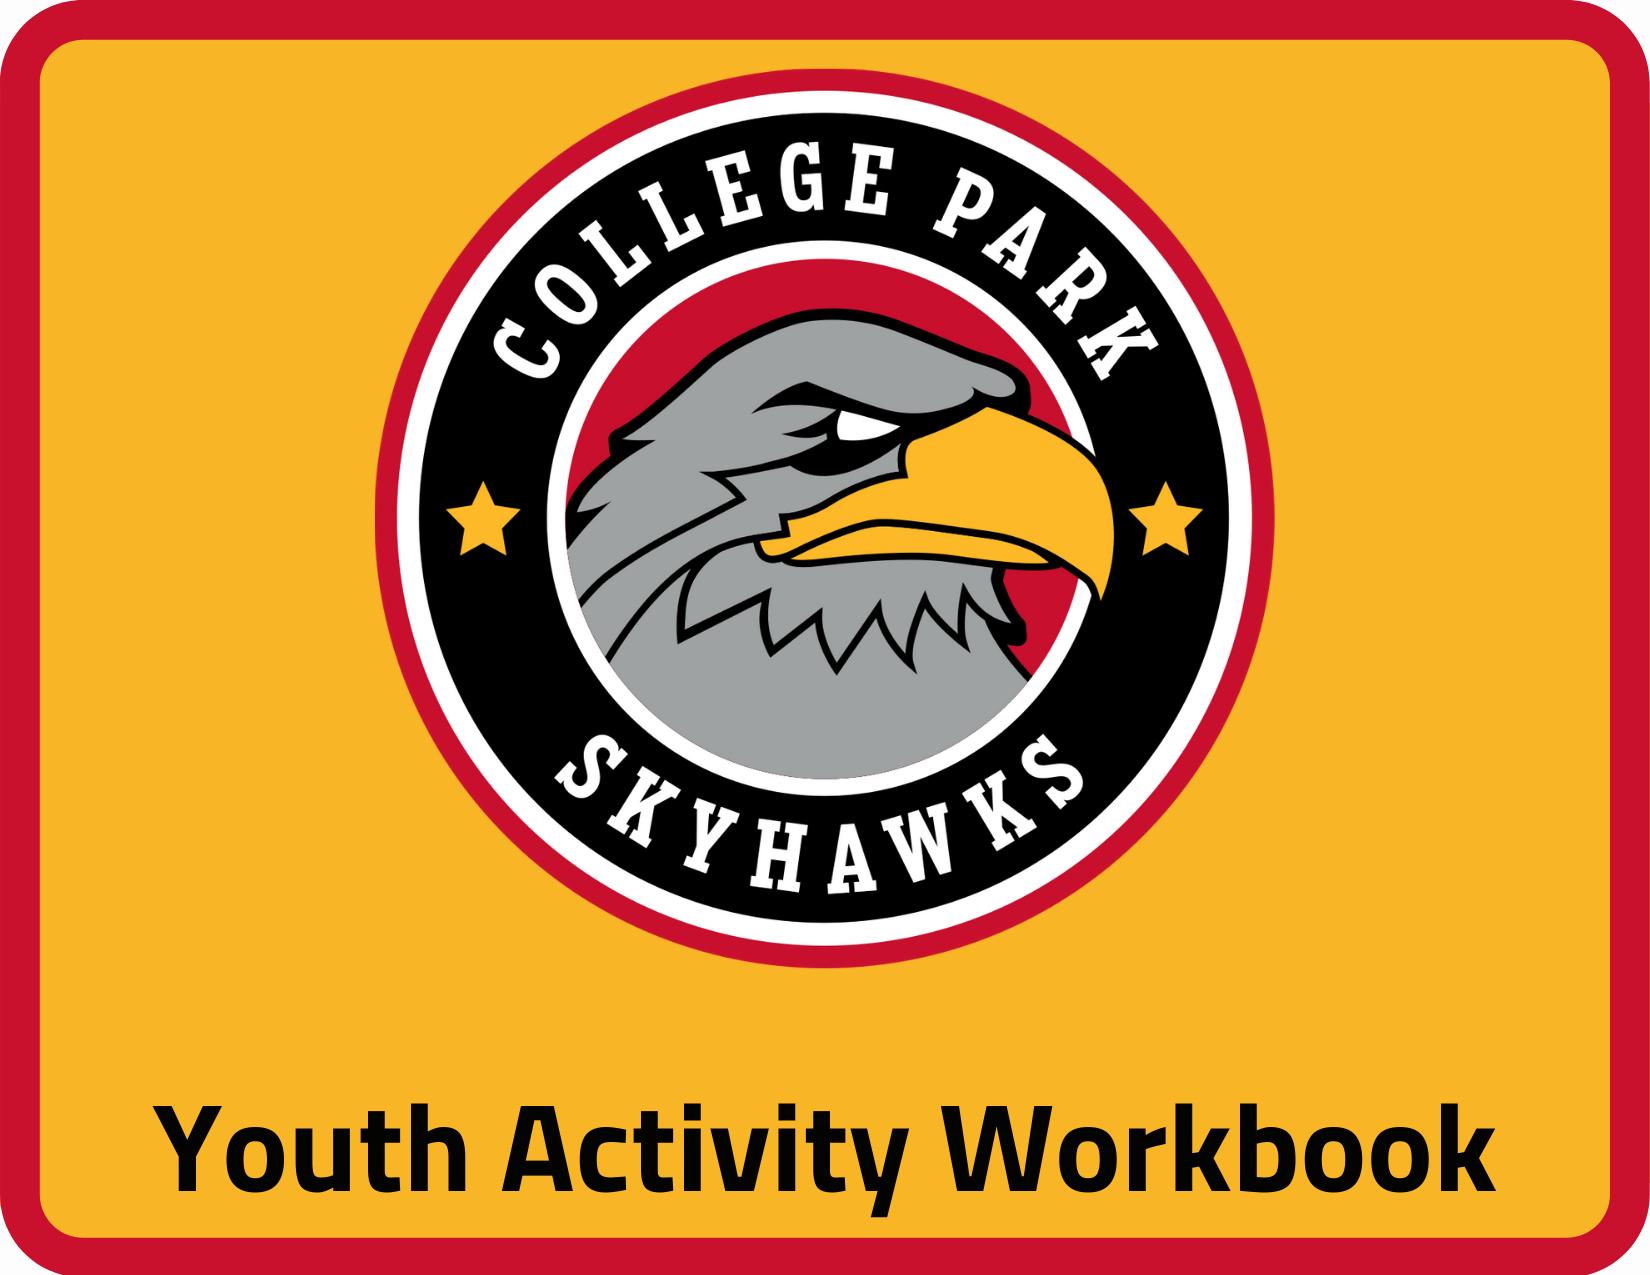 College Park Skyhawks (2)